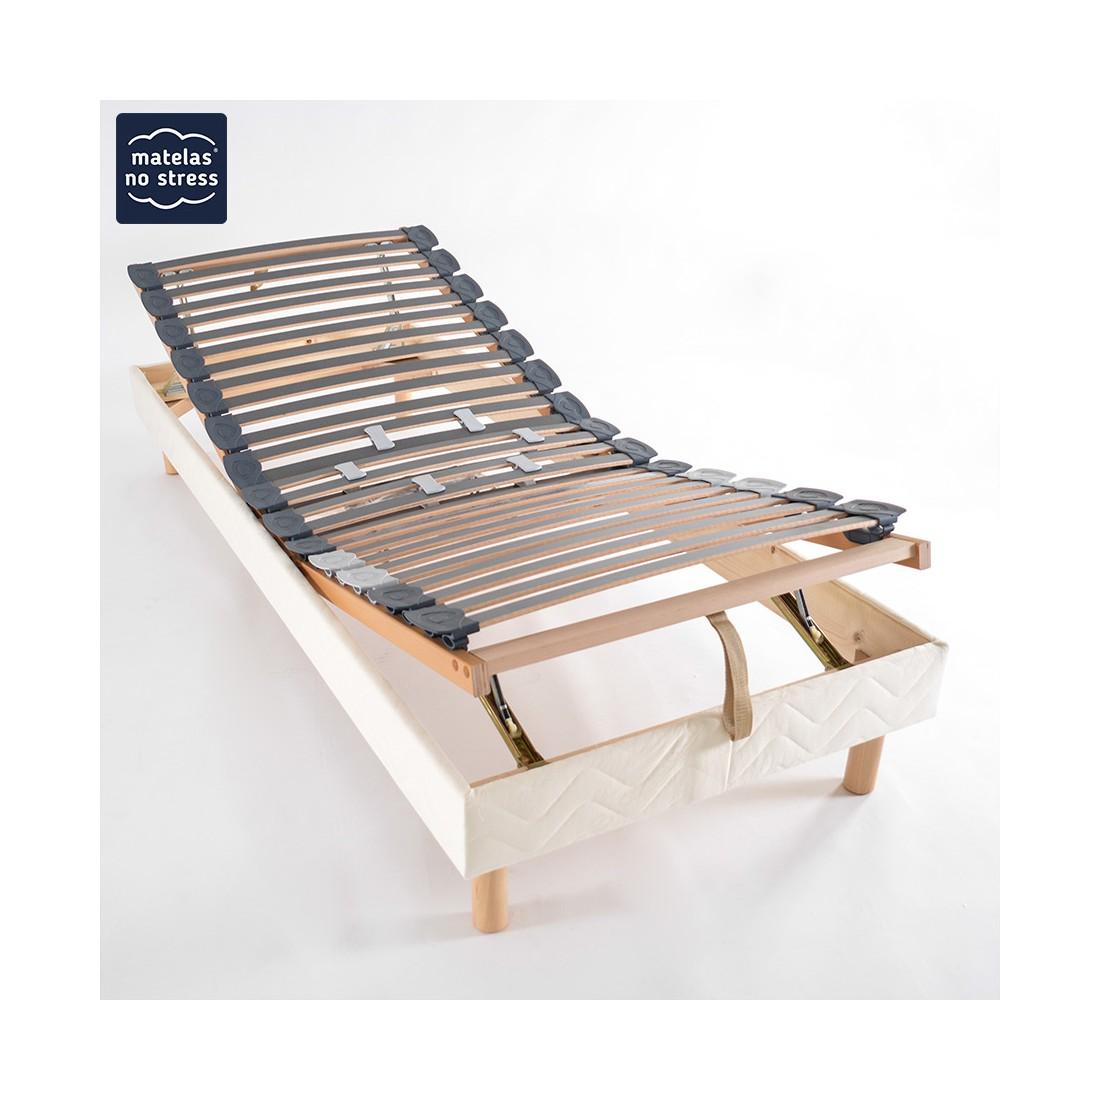 sommier manuel de relaxation 80x200 matelaslatex. Black Bedroom Furniture Sets. Home Design Ideas